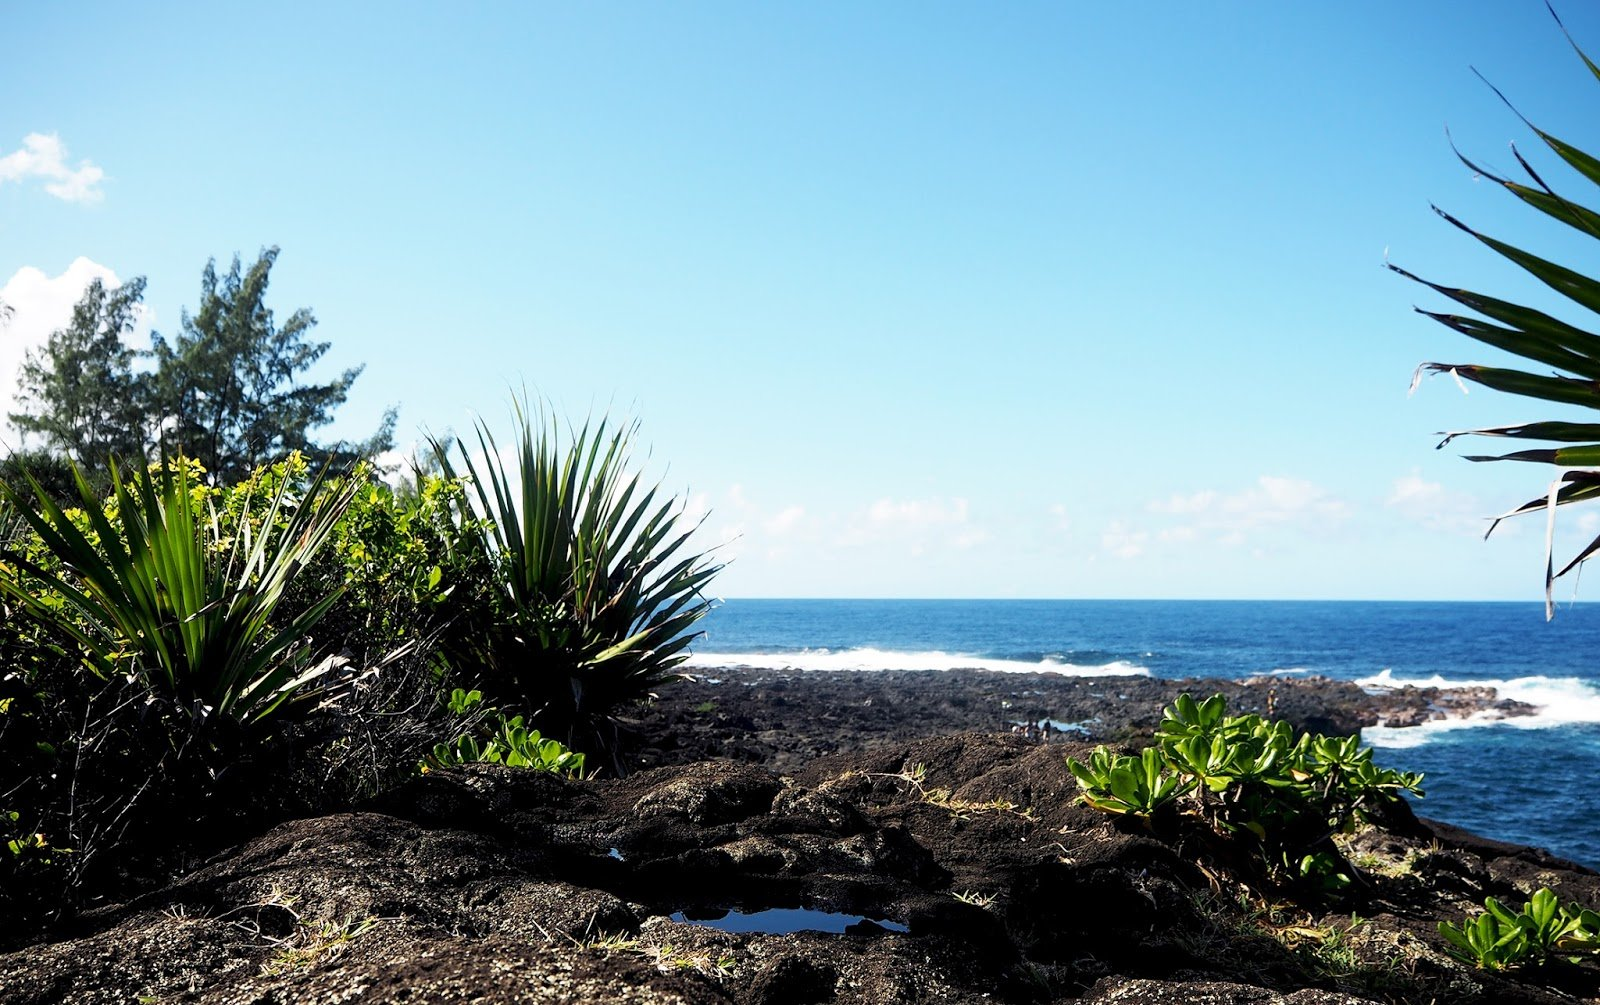 La Réunion paysage côtier